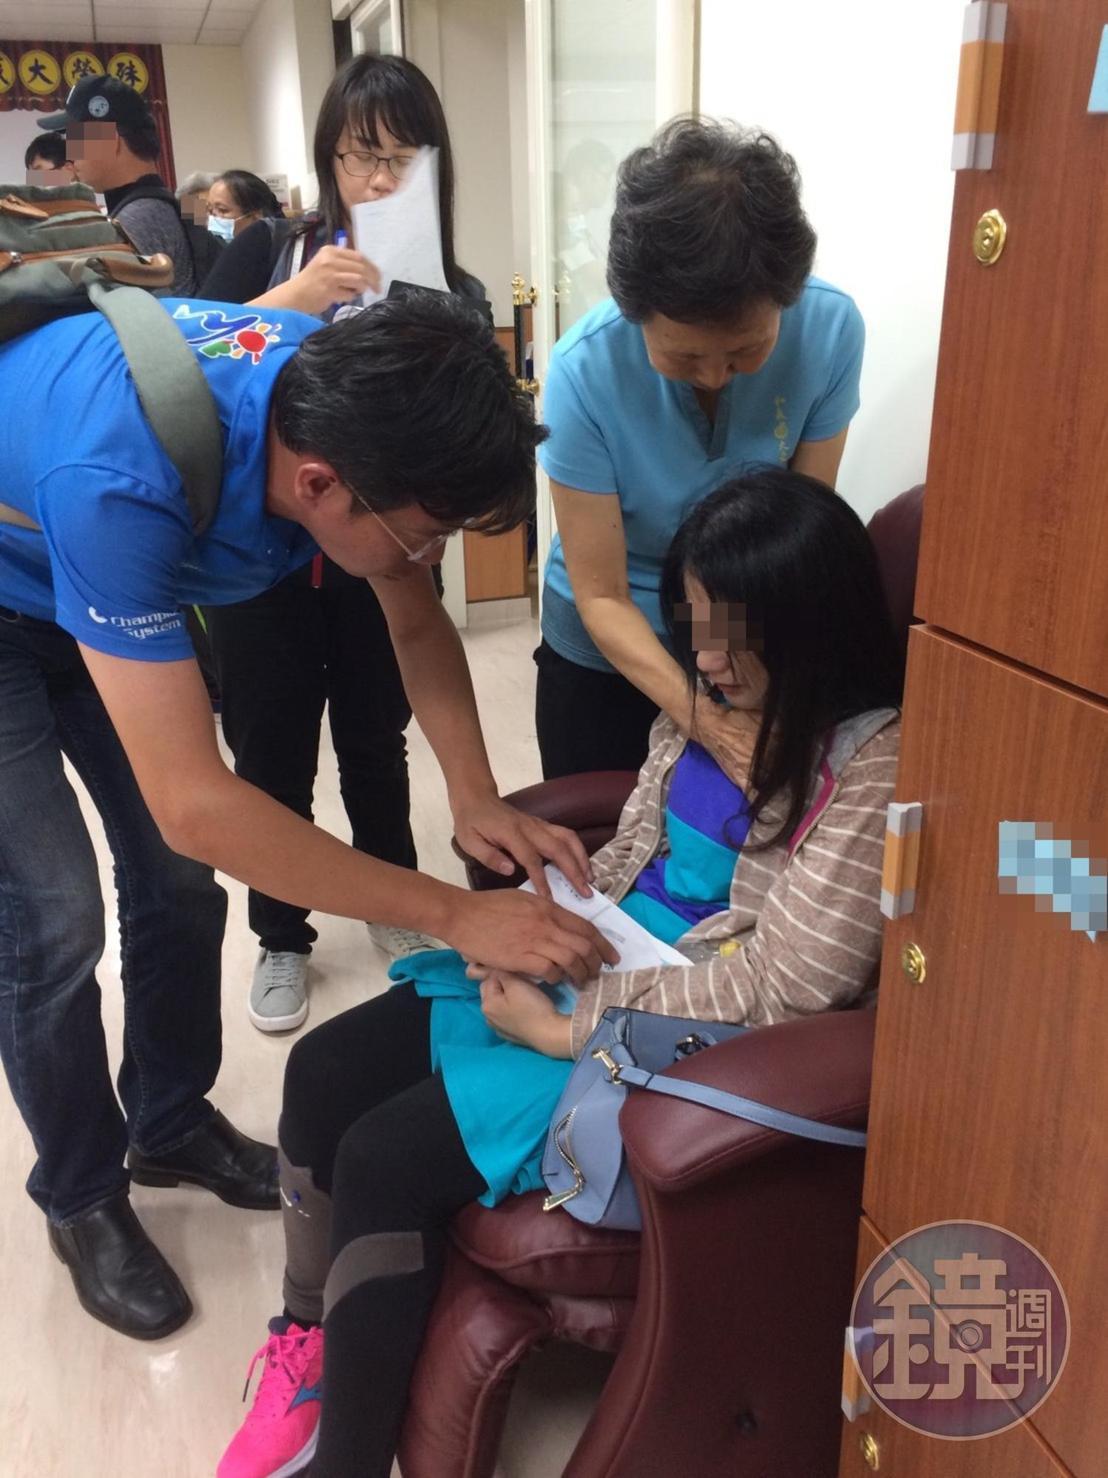 卑南國中不幸罹難學生姜翁曼文的母親悲痛欲絕,無法接受女兒離世。